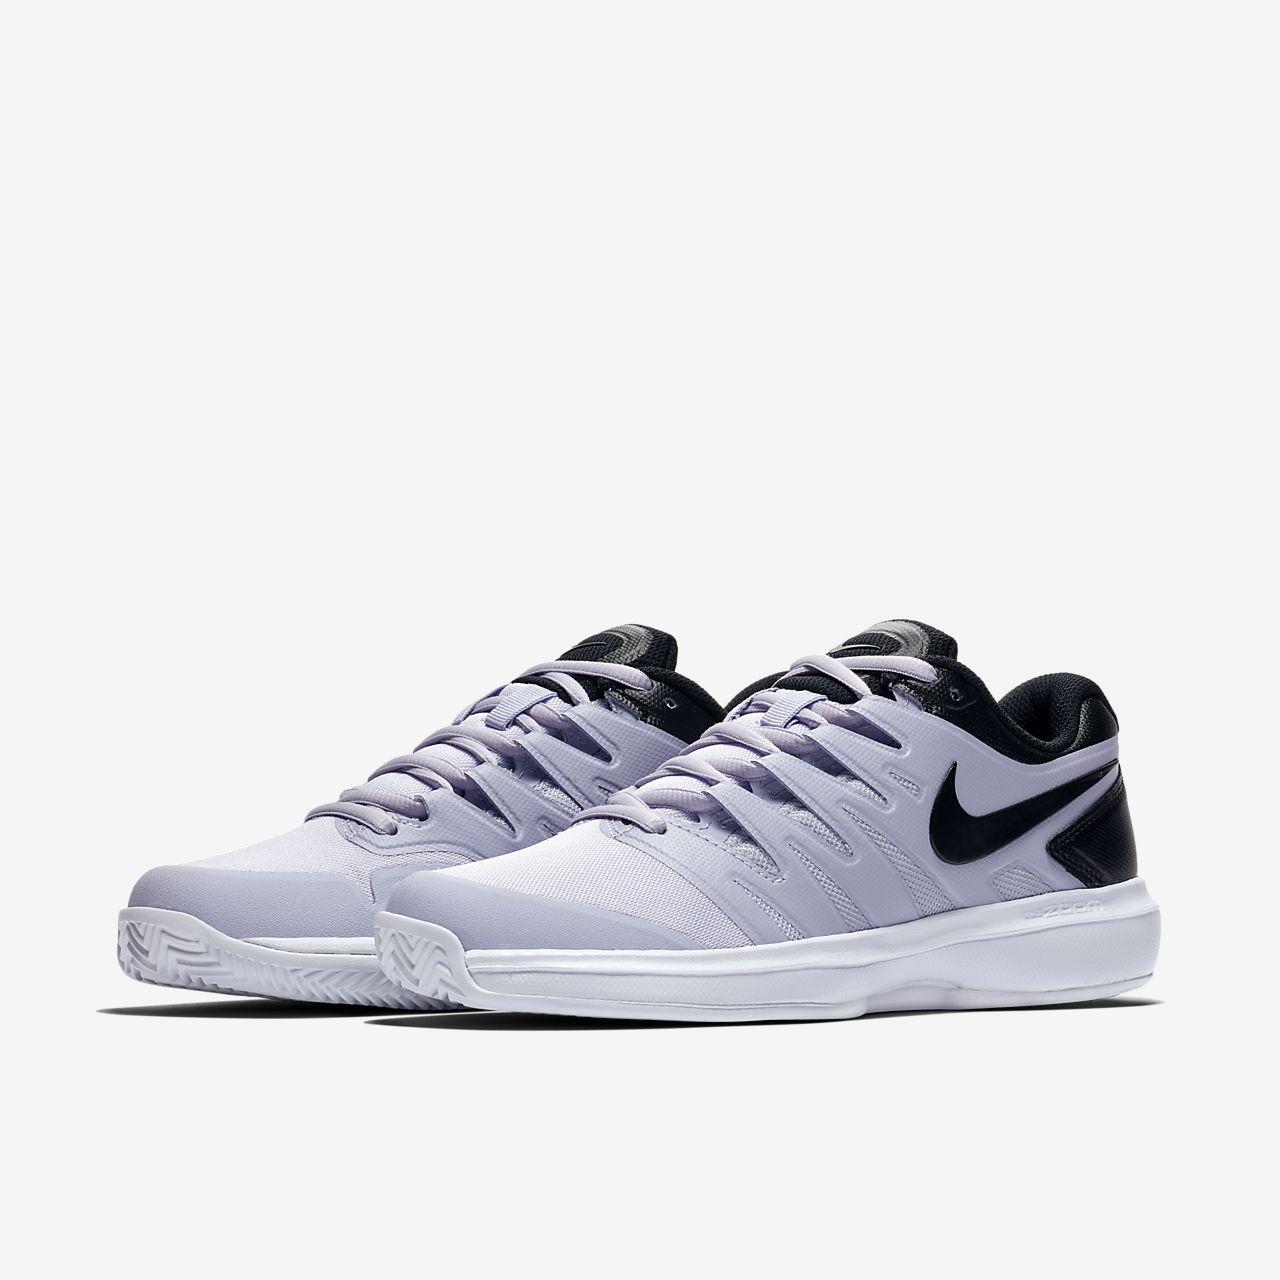 various colors 0d07c 0f825 ... Chaussure de tennis Nike Air Zoom Prestige Clay pour Femme